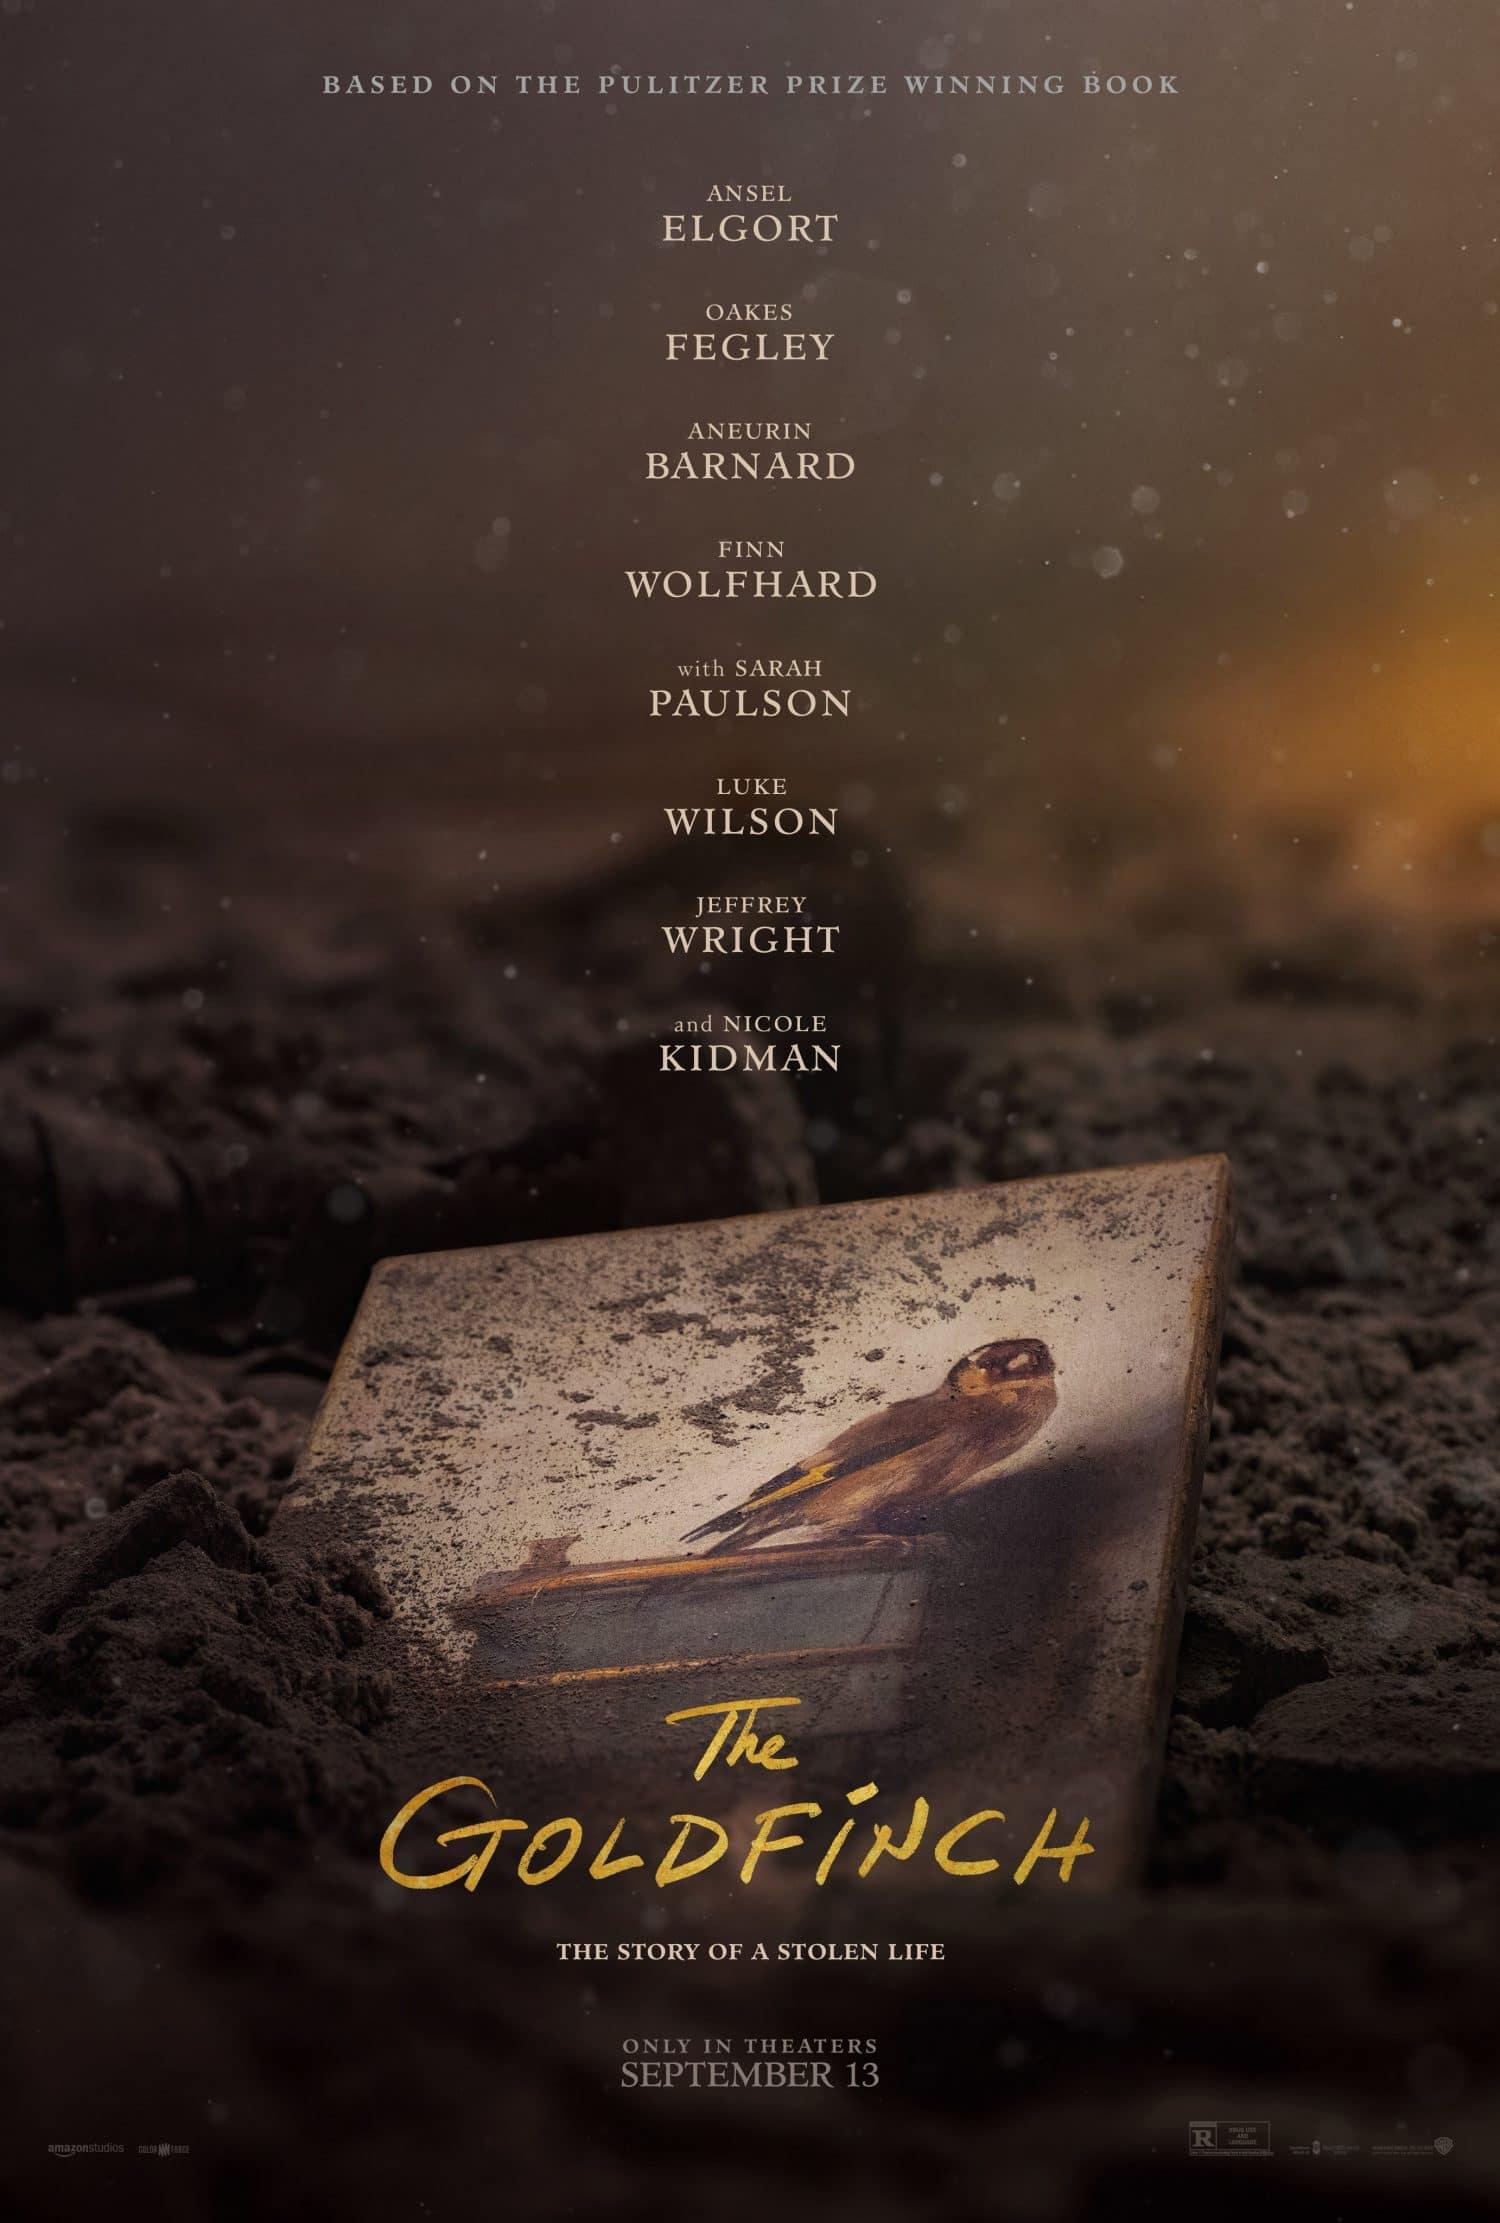 Watch the Goldfinch movie trailer.